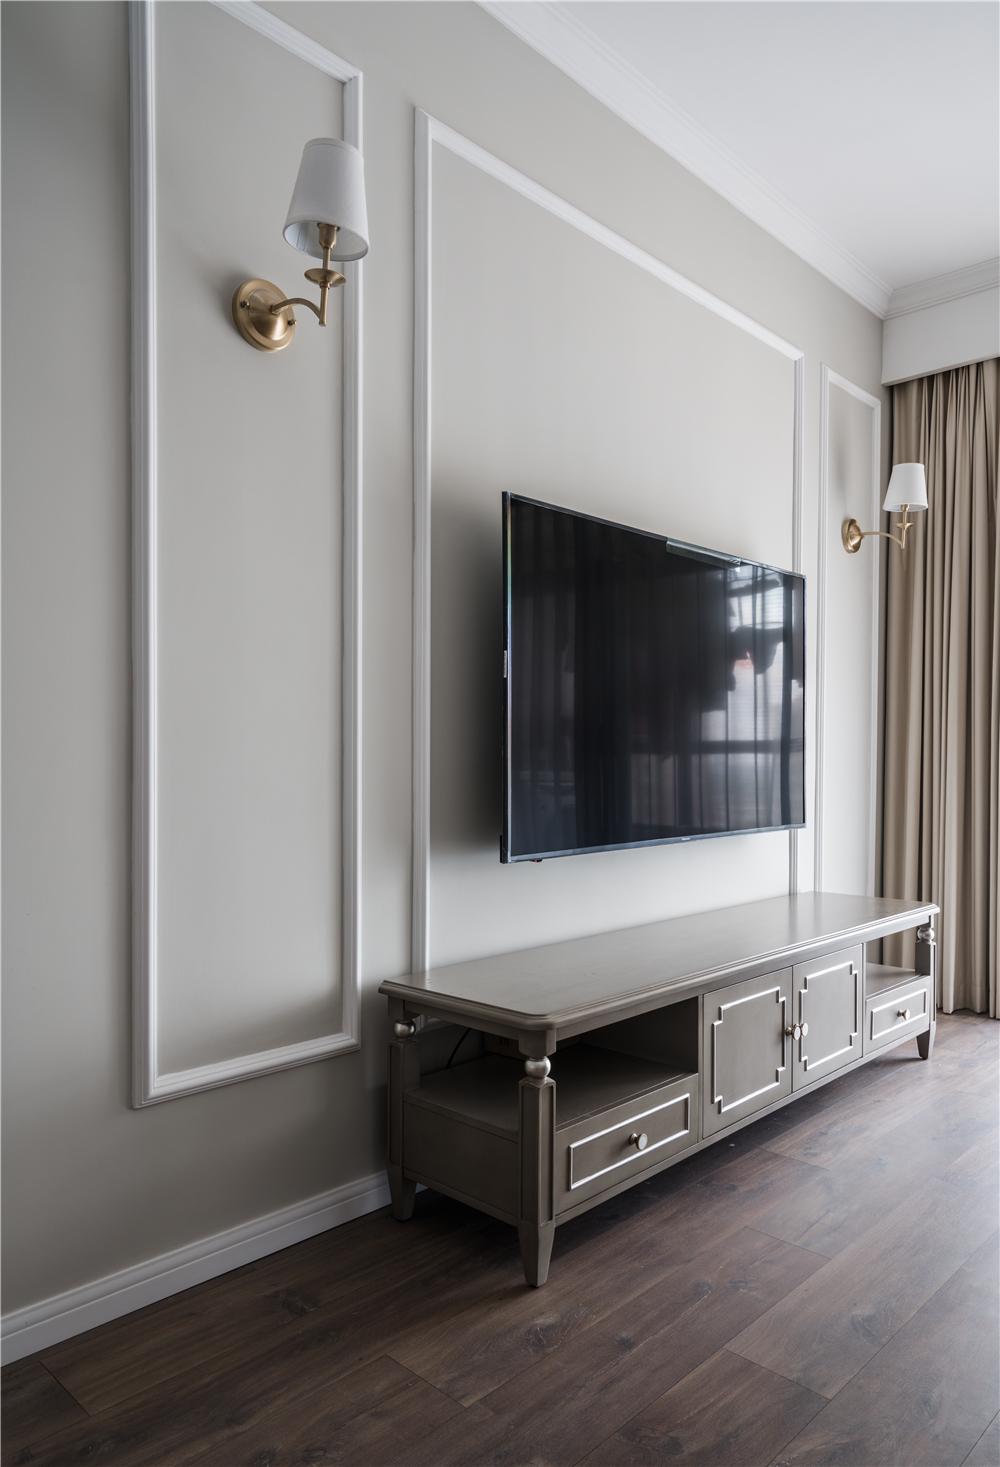 90㎡现代美式风格电视背景墙装修效果图